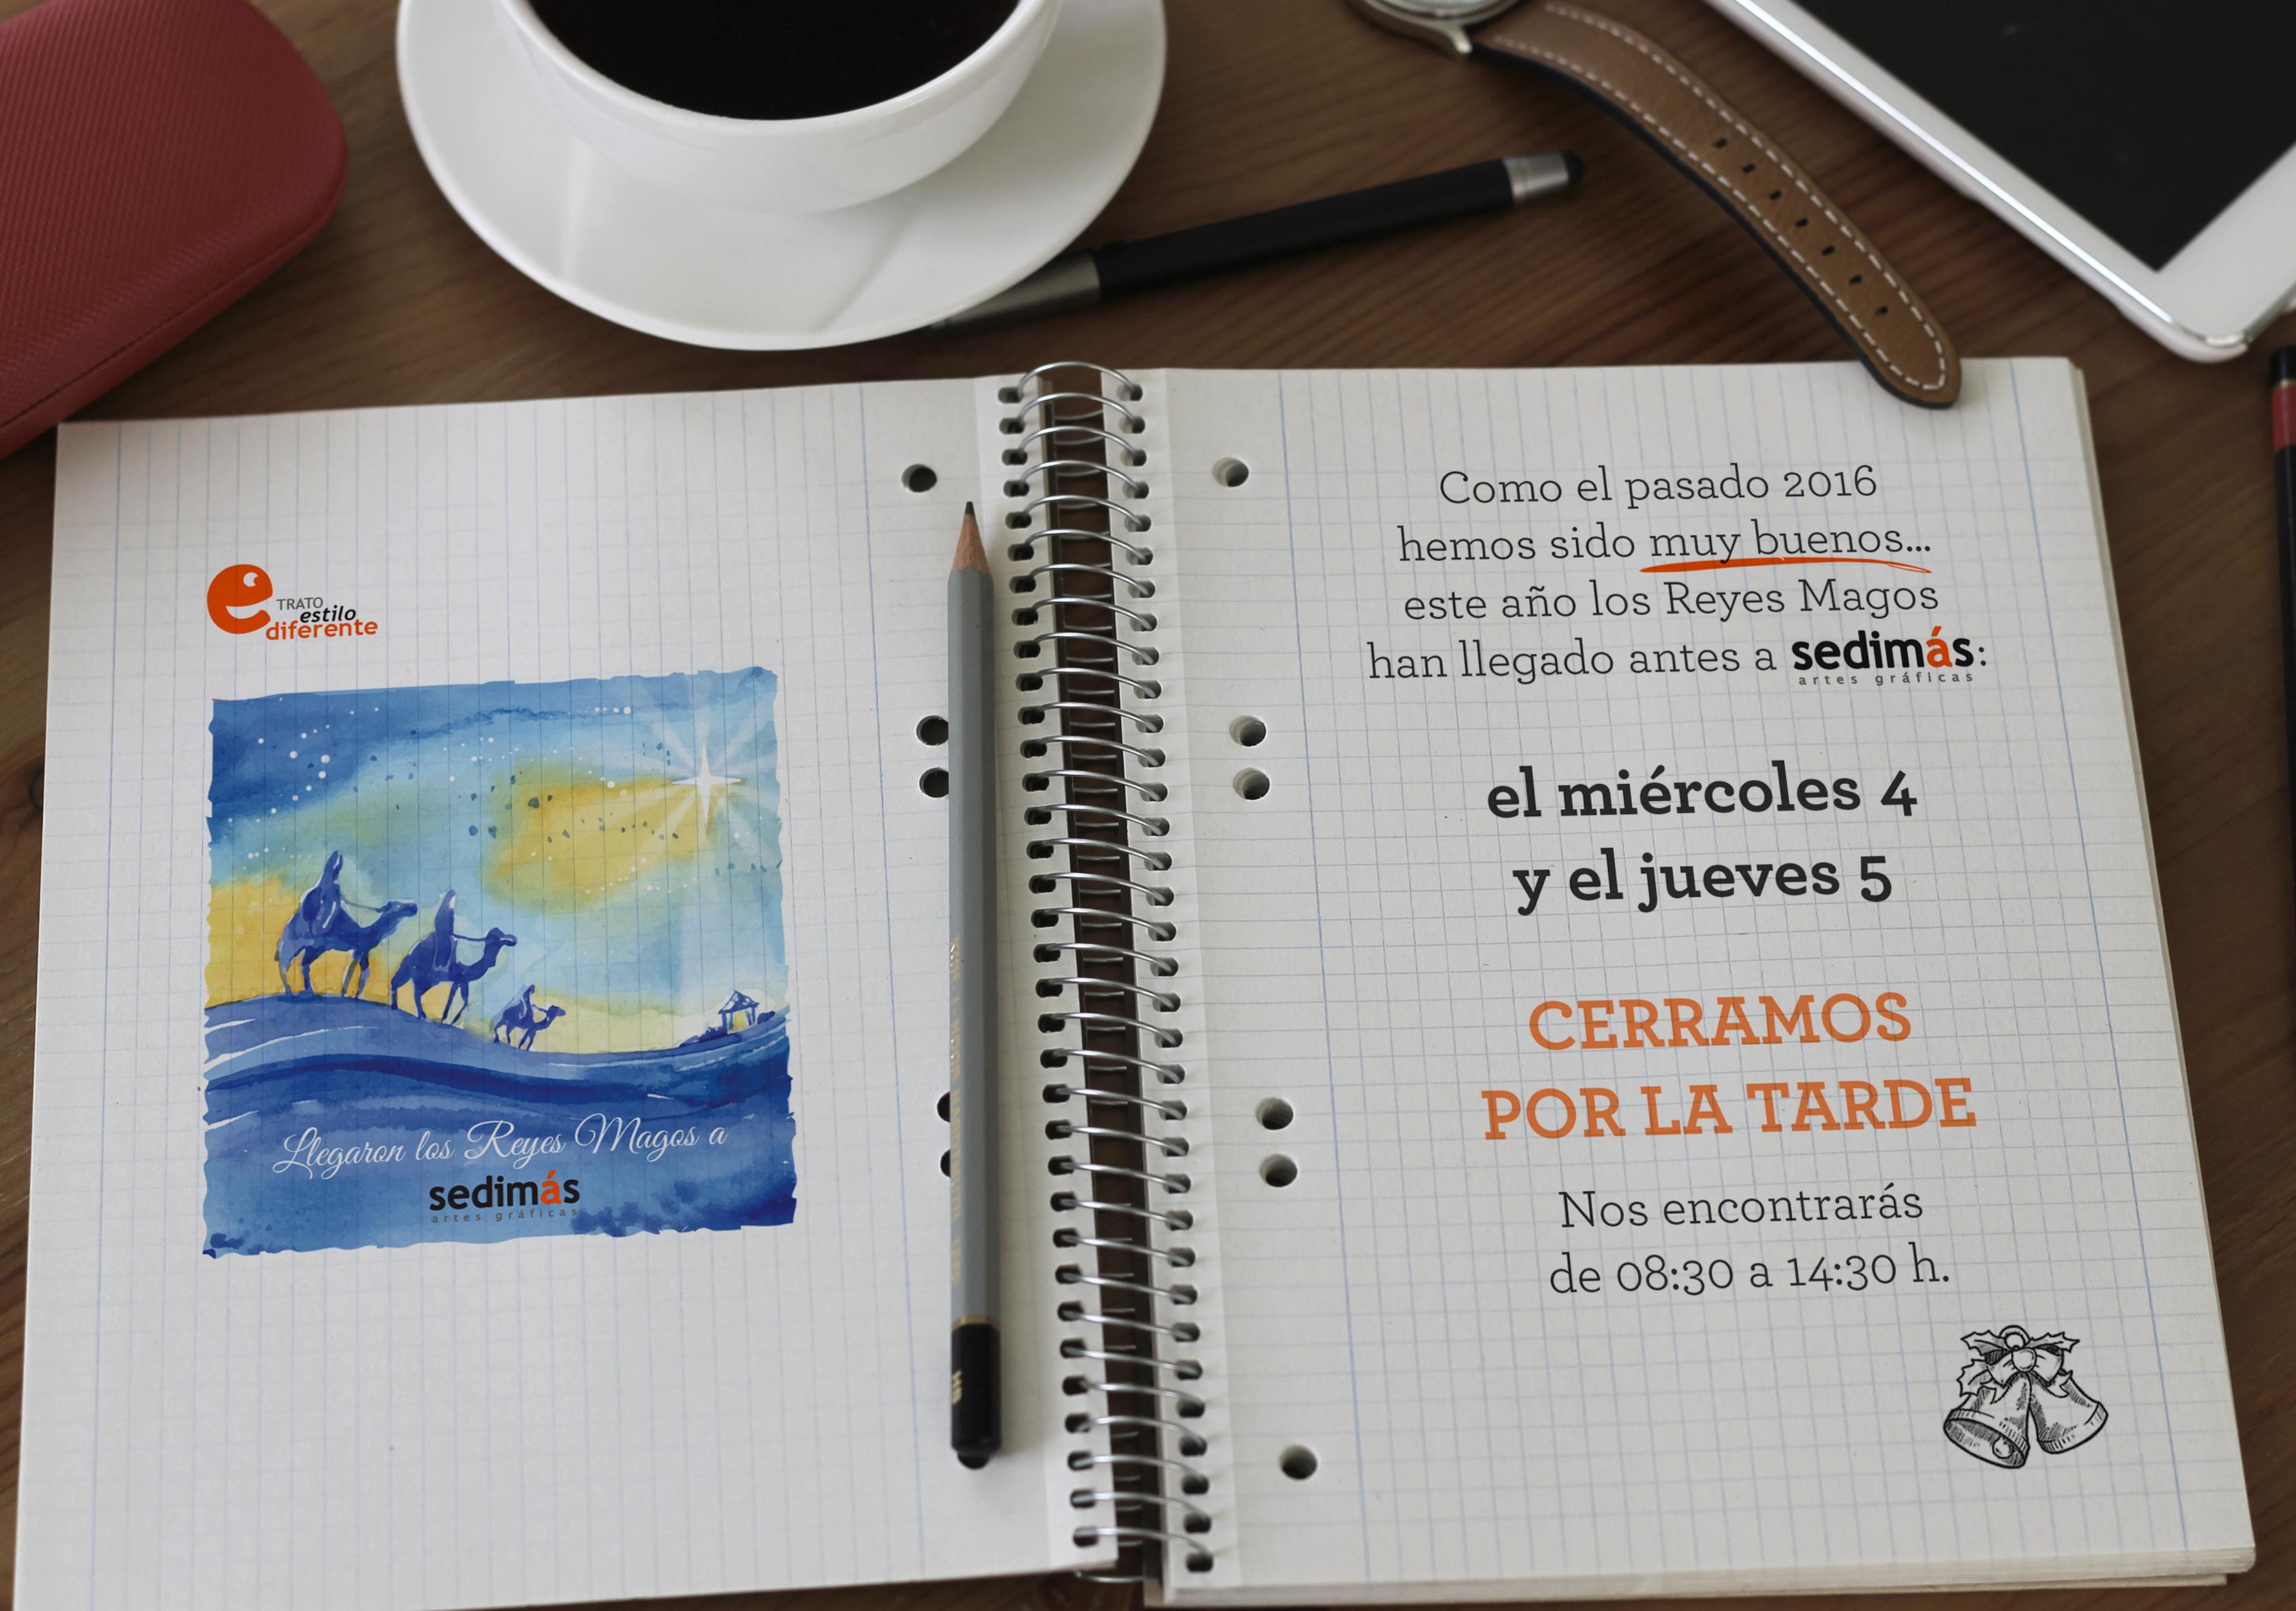 cuaderno notificando que cerramos el miércoles 4 y el jueves 5 por la tarde